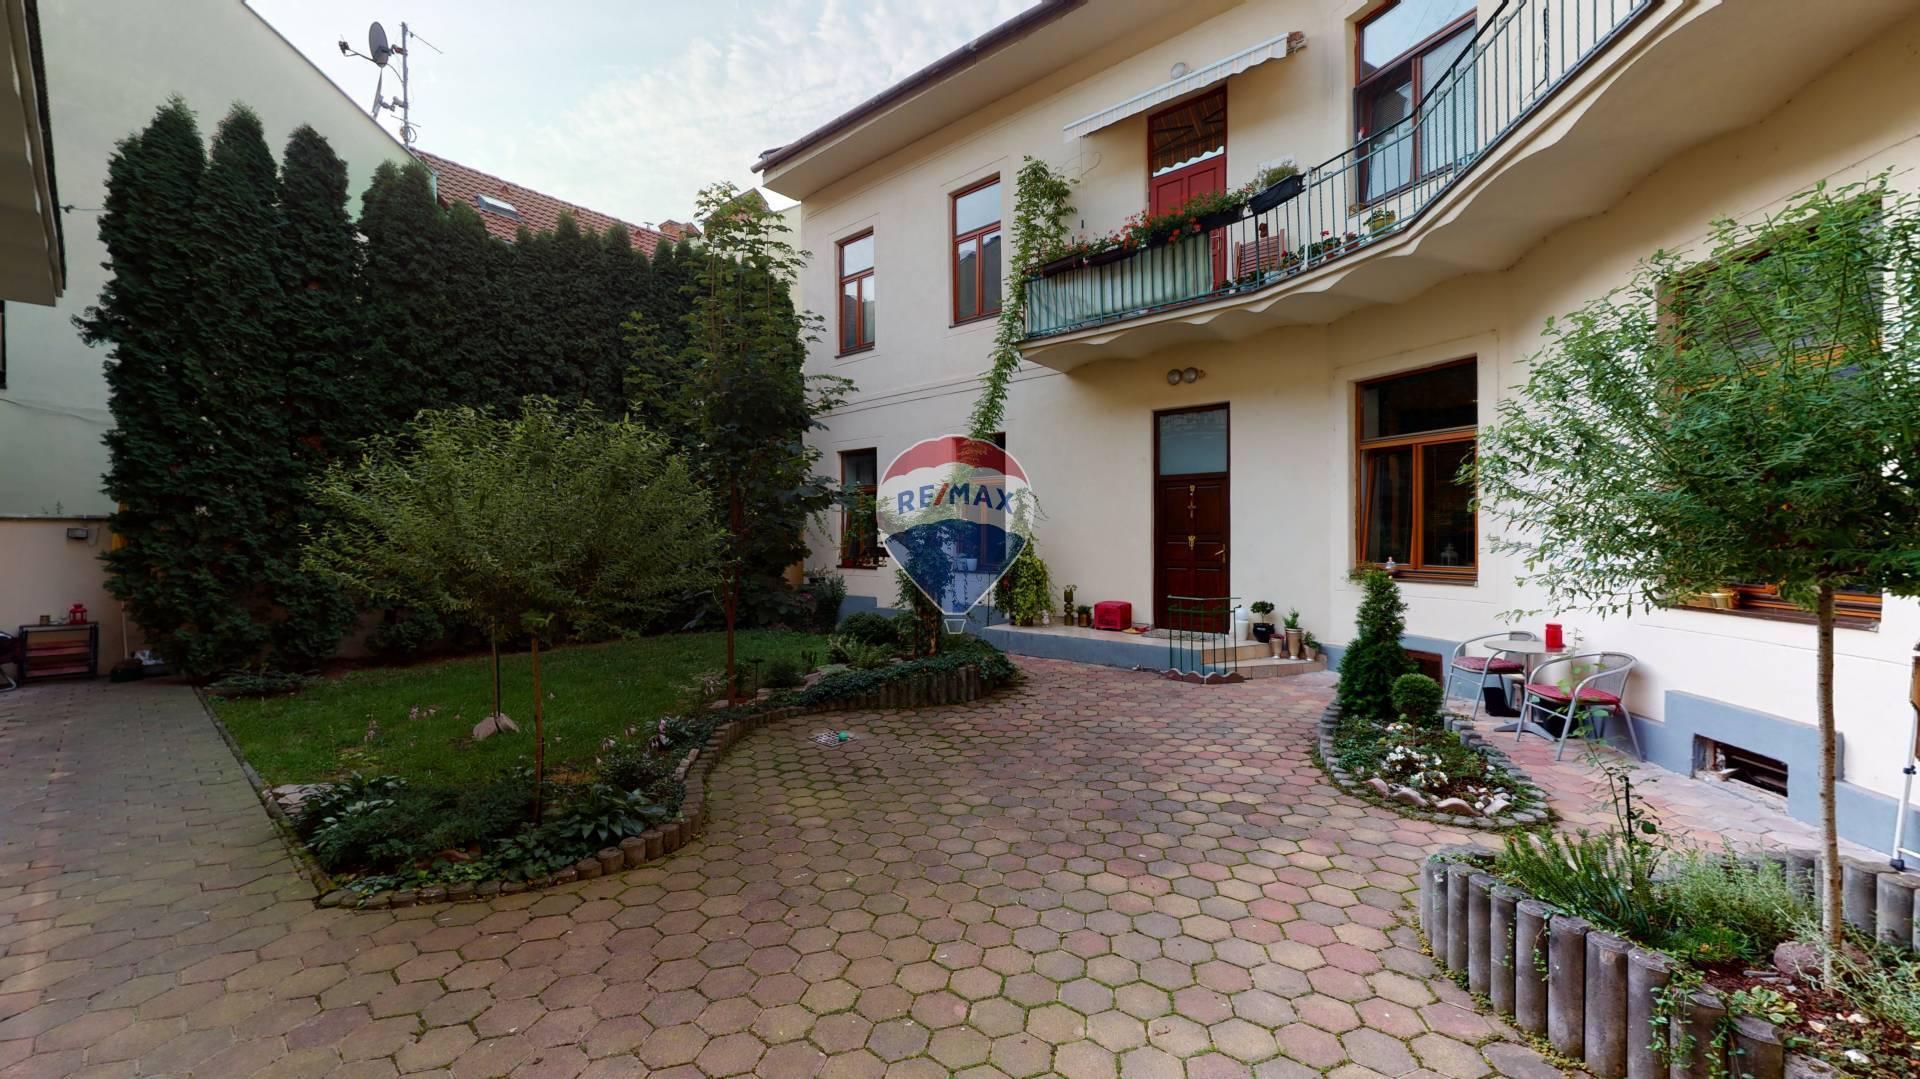 Predaj 3izbový byt - Košice Staré mesto - Tajovského